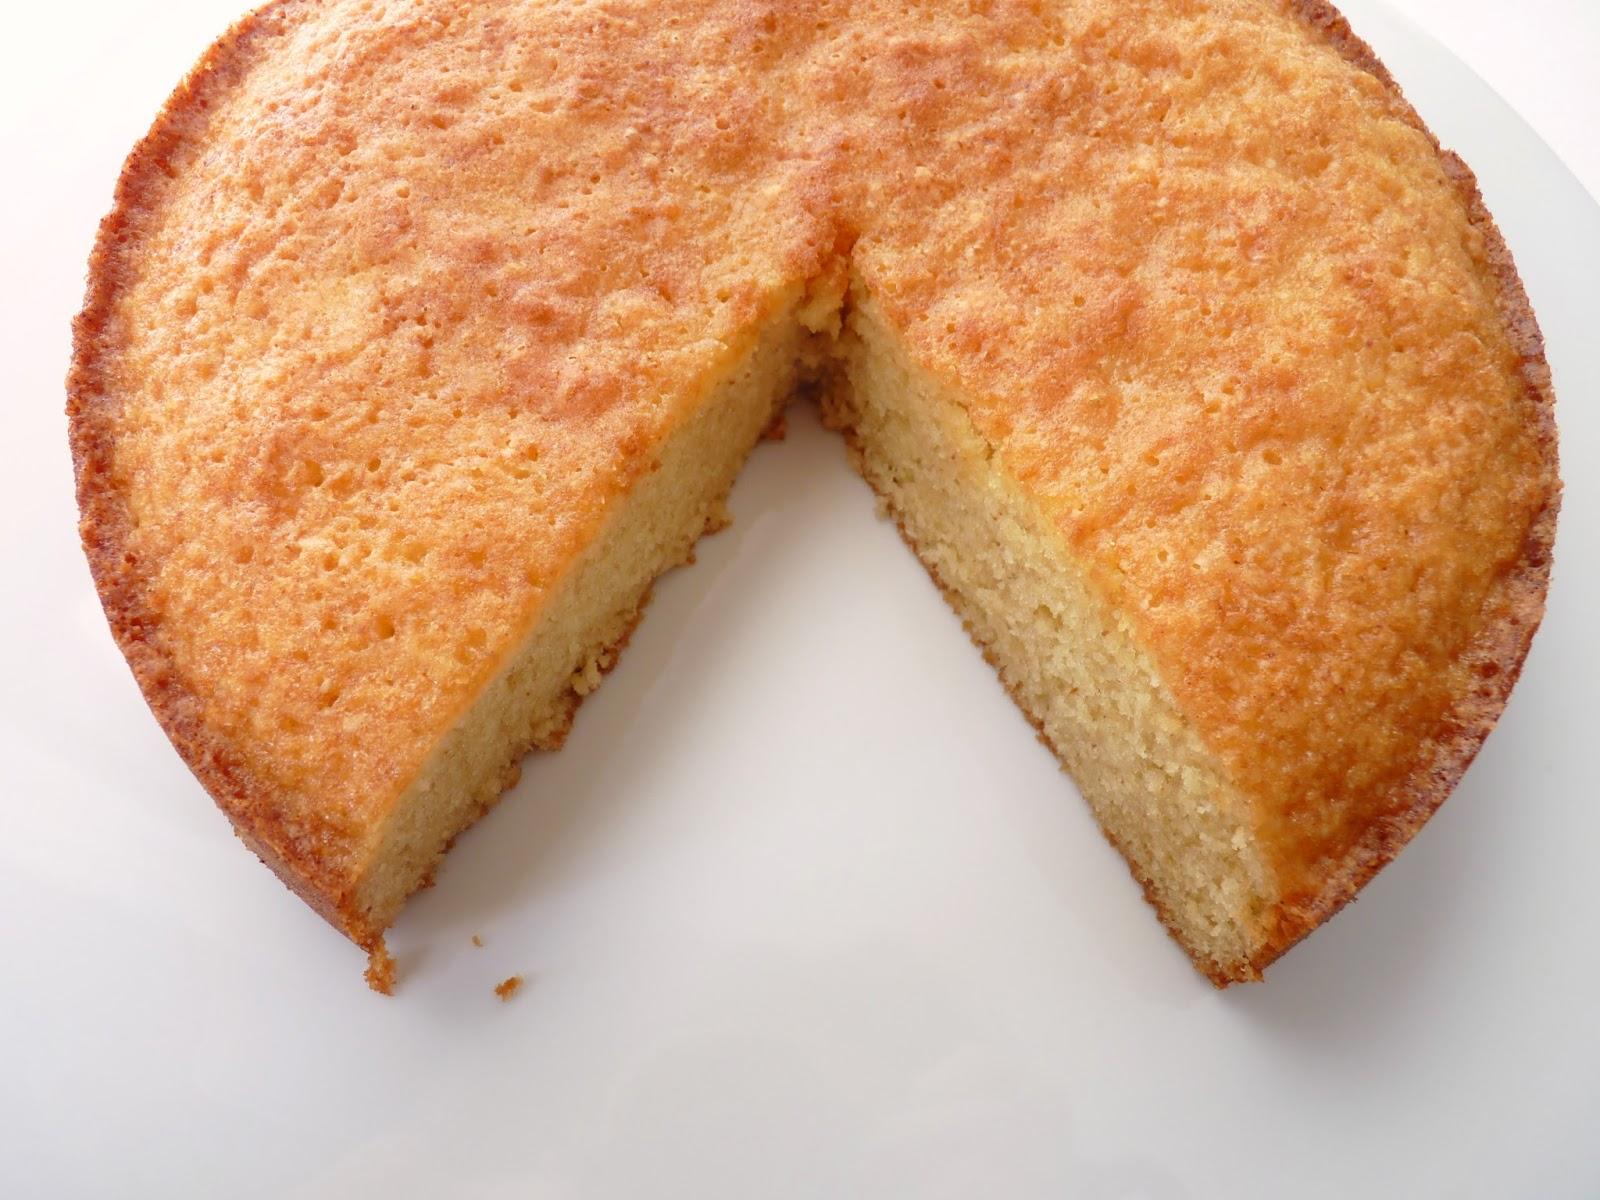 Odense Almond Paste Cake Recipe